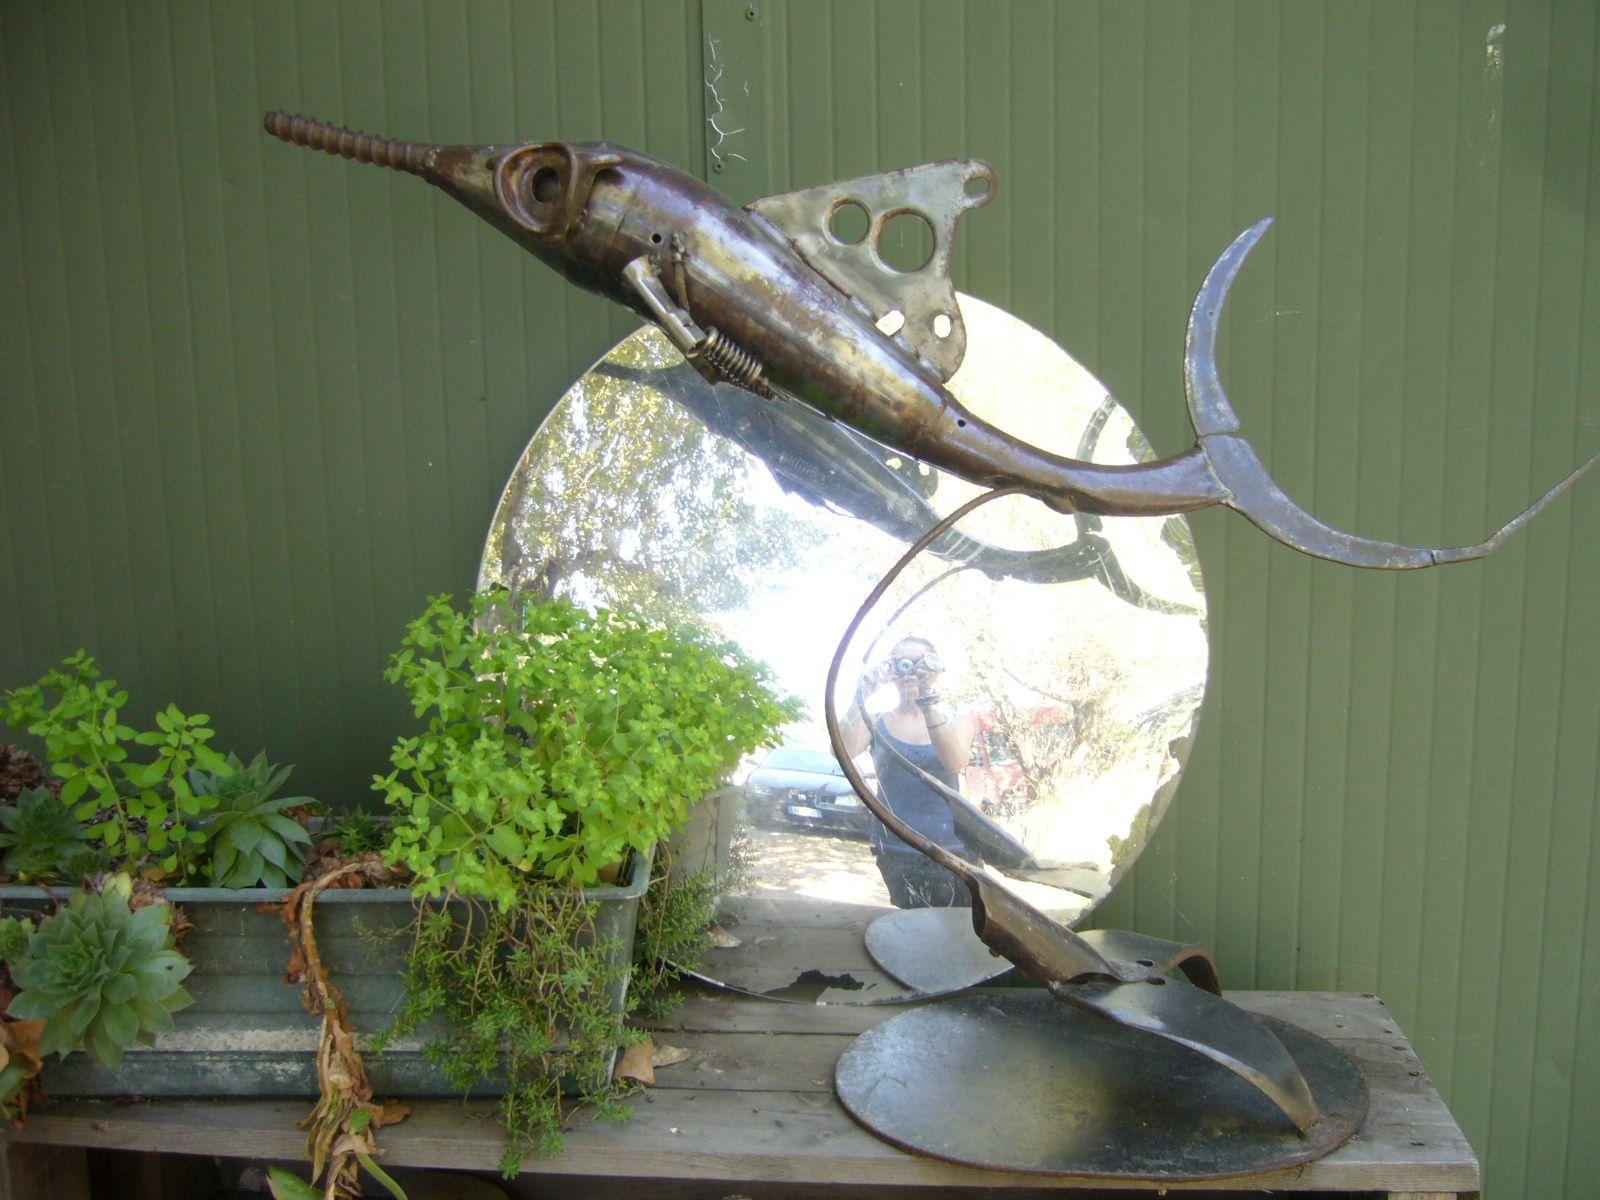 Magnifica scultura rappresentante fauna ittica creata con materiale di recupero, tra cui una marmitta per scooter ed altri elementi metallici.